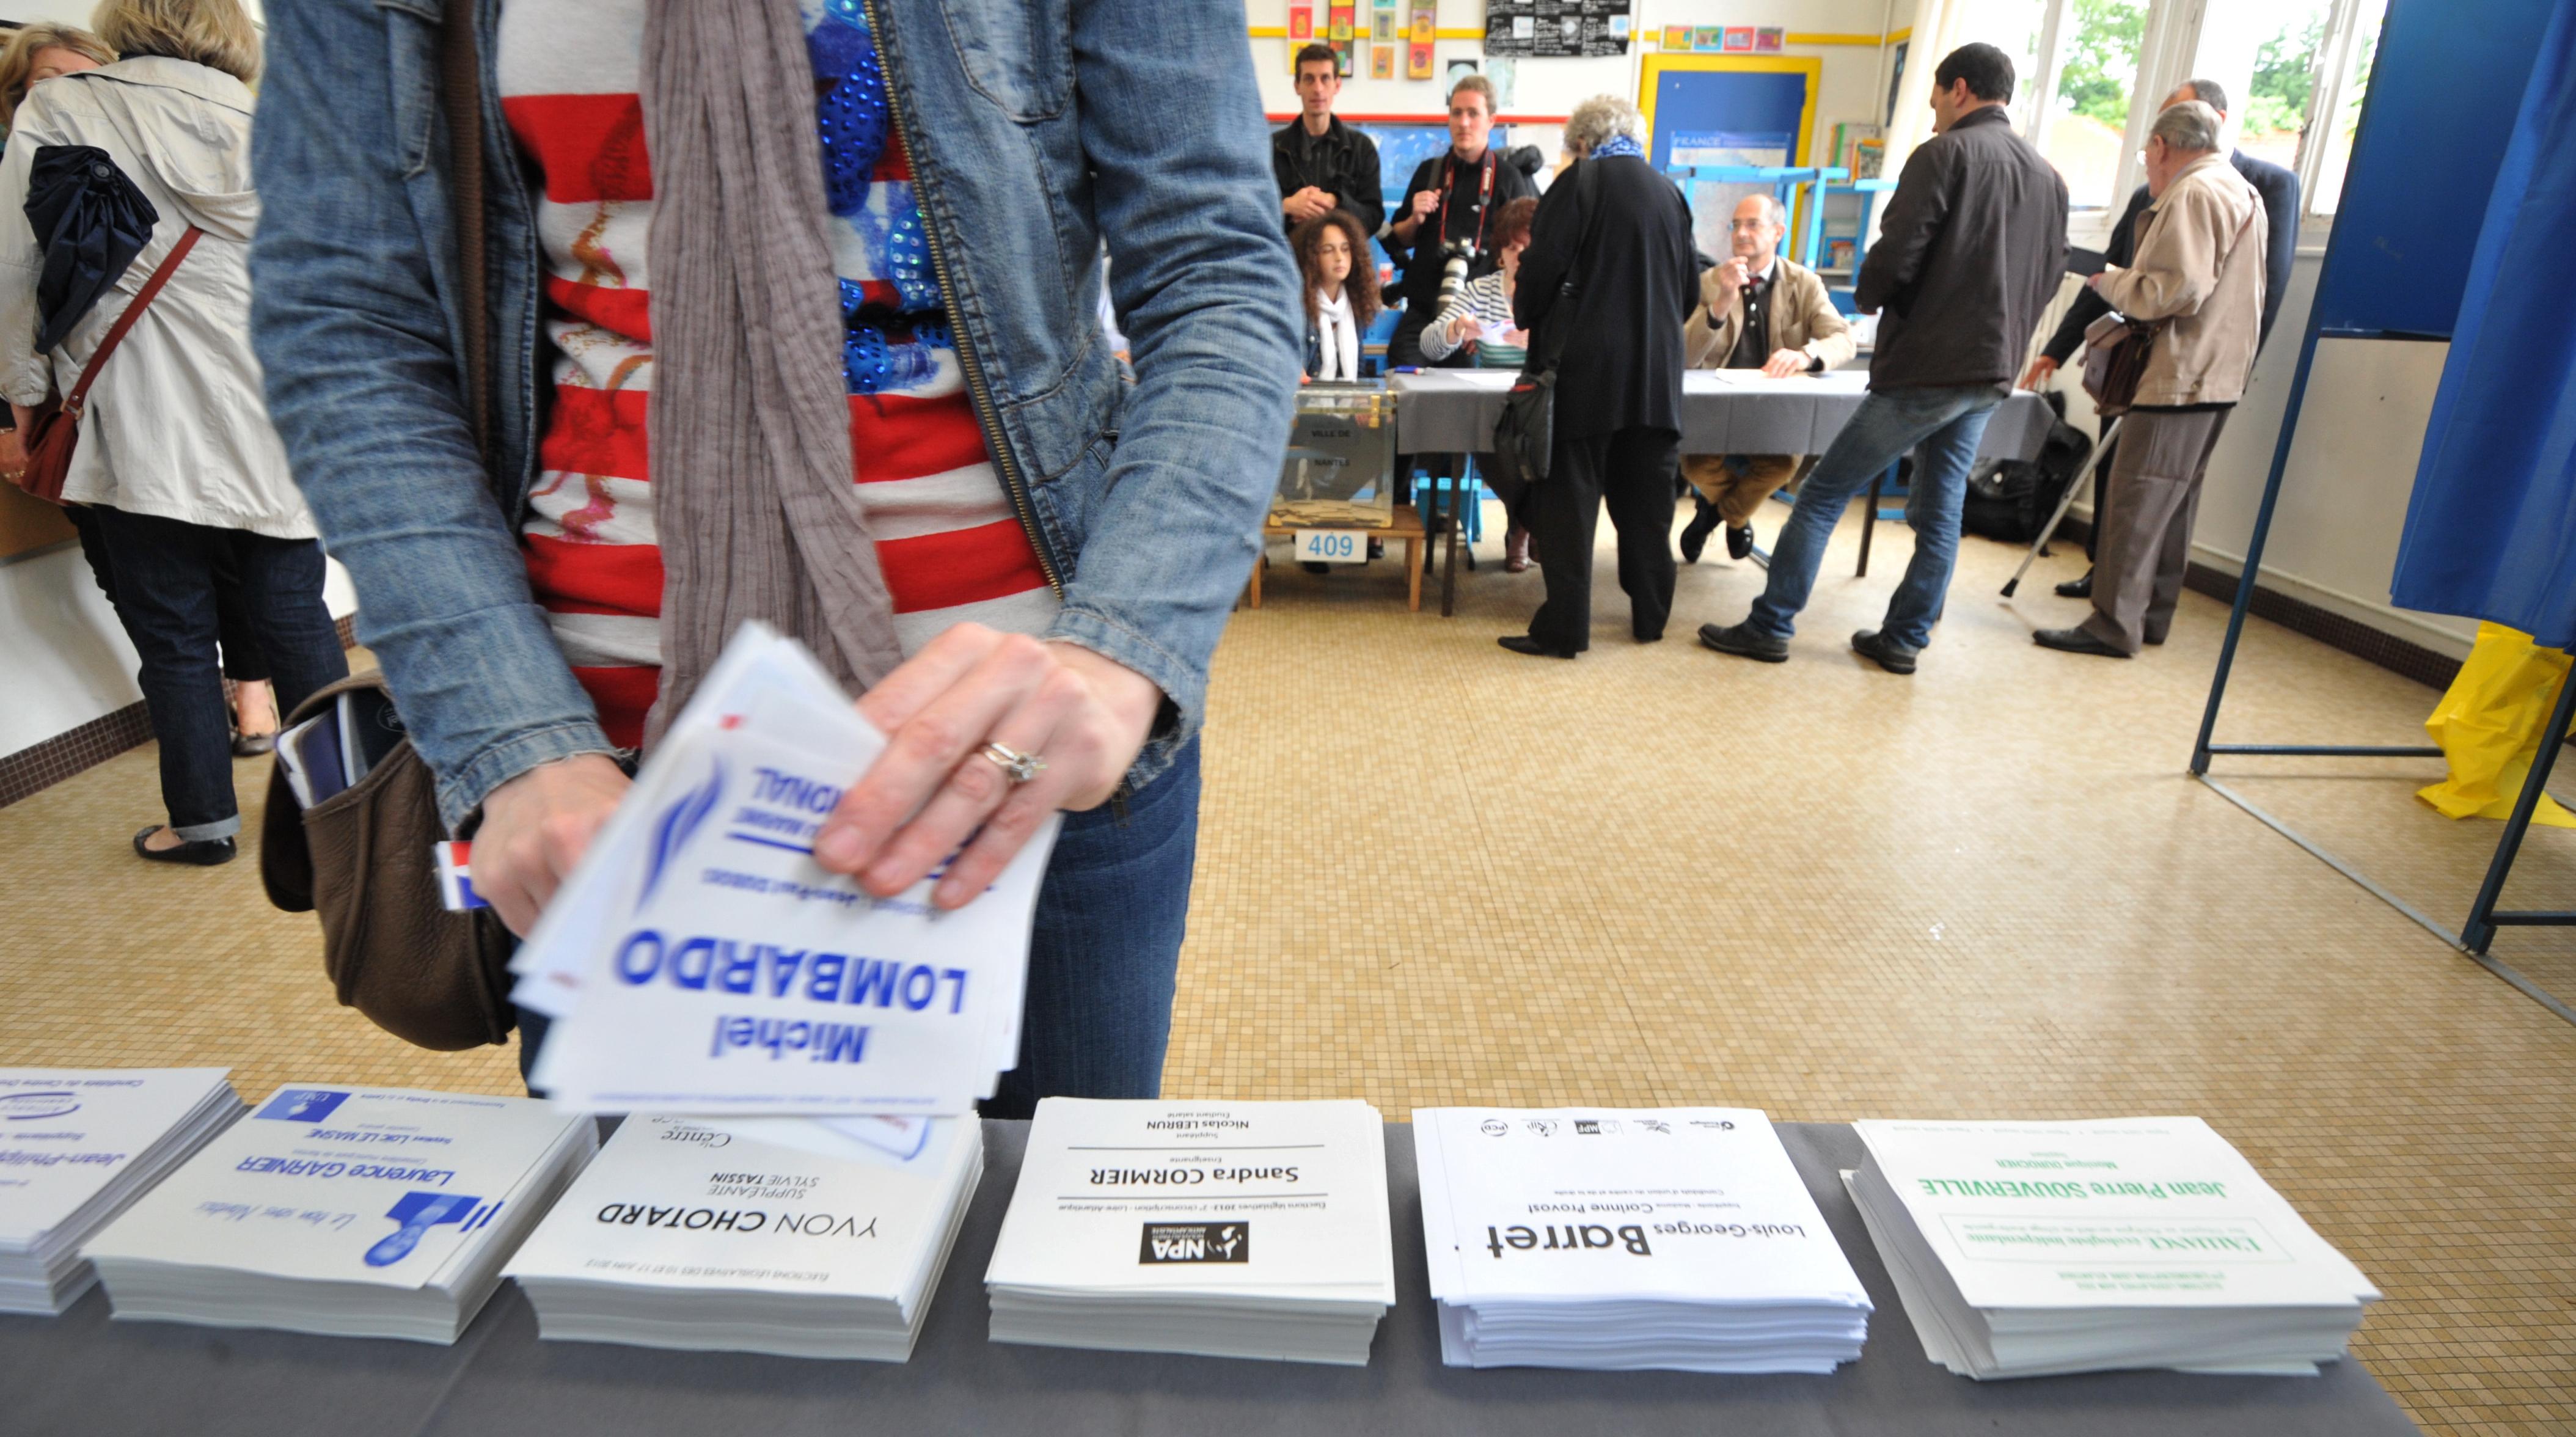 146102983 - Партия Олланда лидирует в первом туре выборов